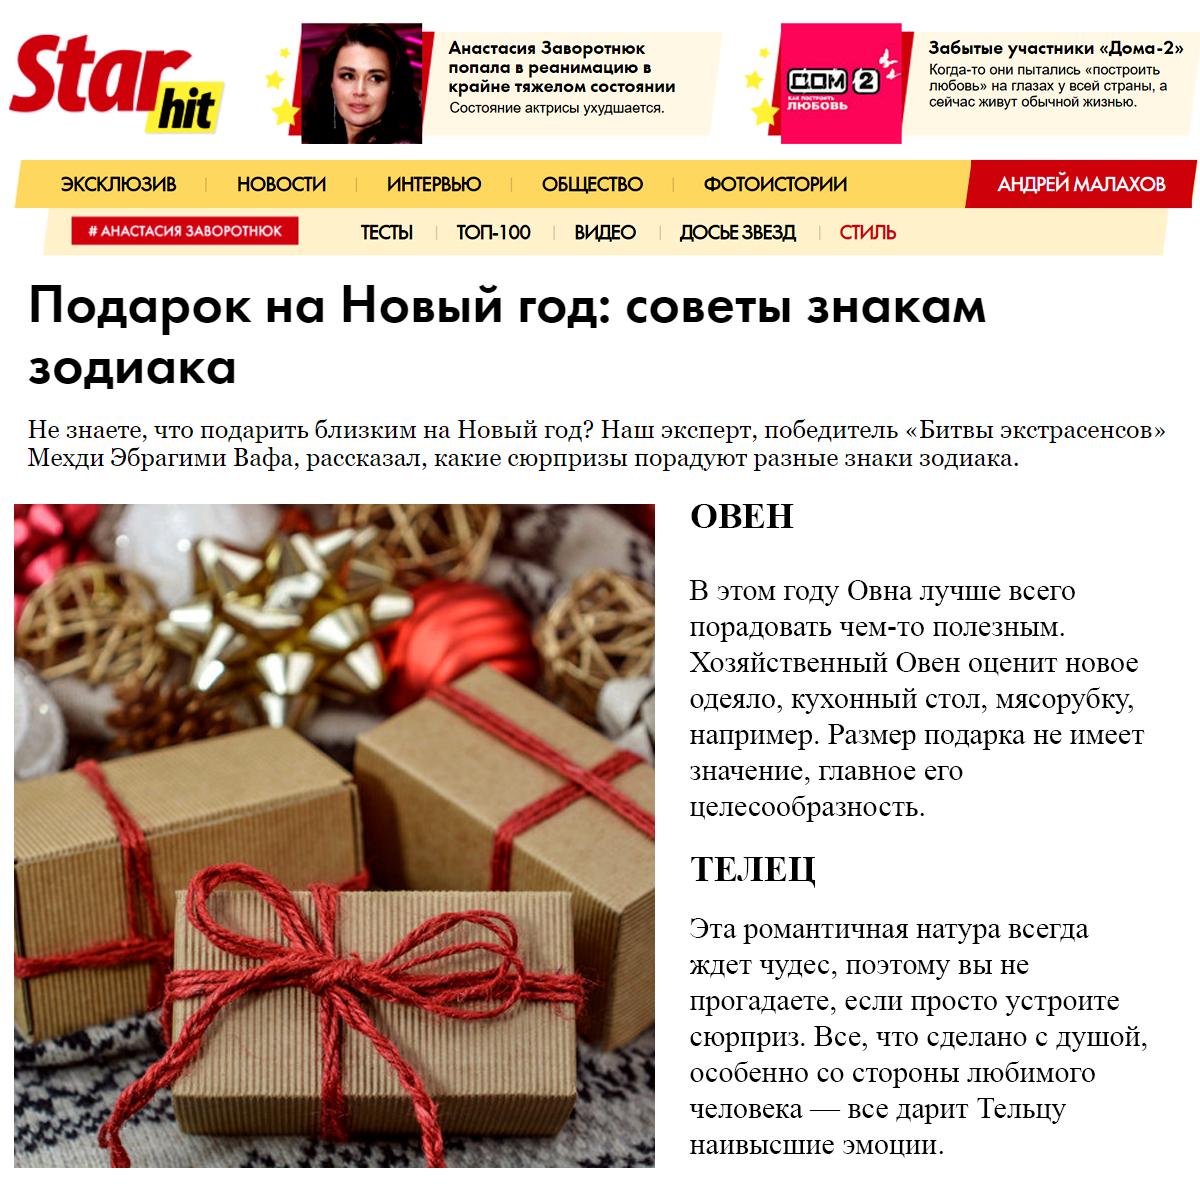 STARHIT: 'Подарок на Новый год: советы знакам зодиака'  от победителя Битвы Экстрасенсов Мехди